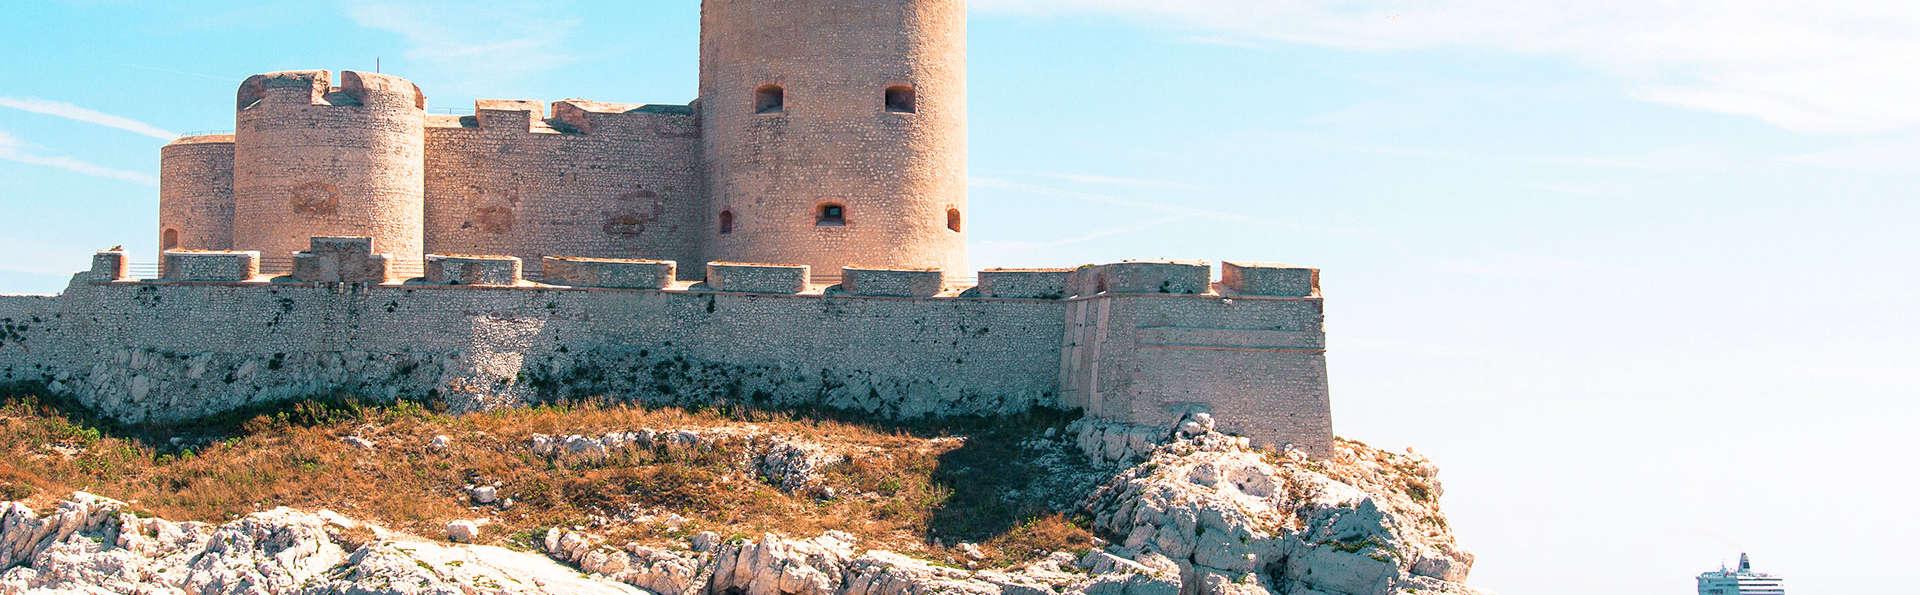 Week-end à Marseille avec visite du château d'If